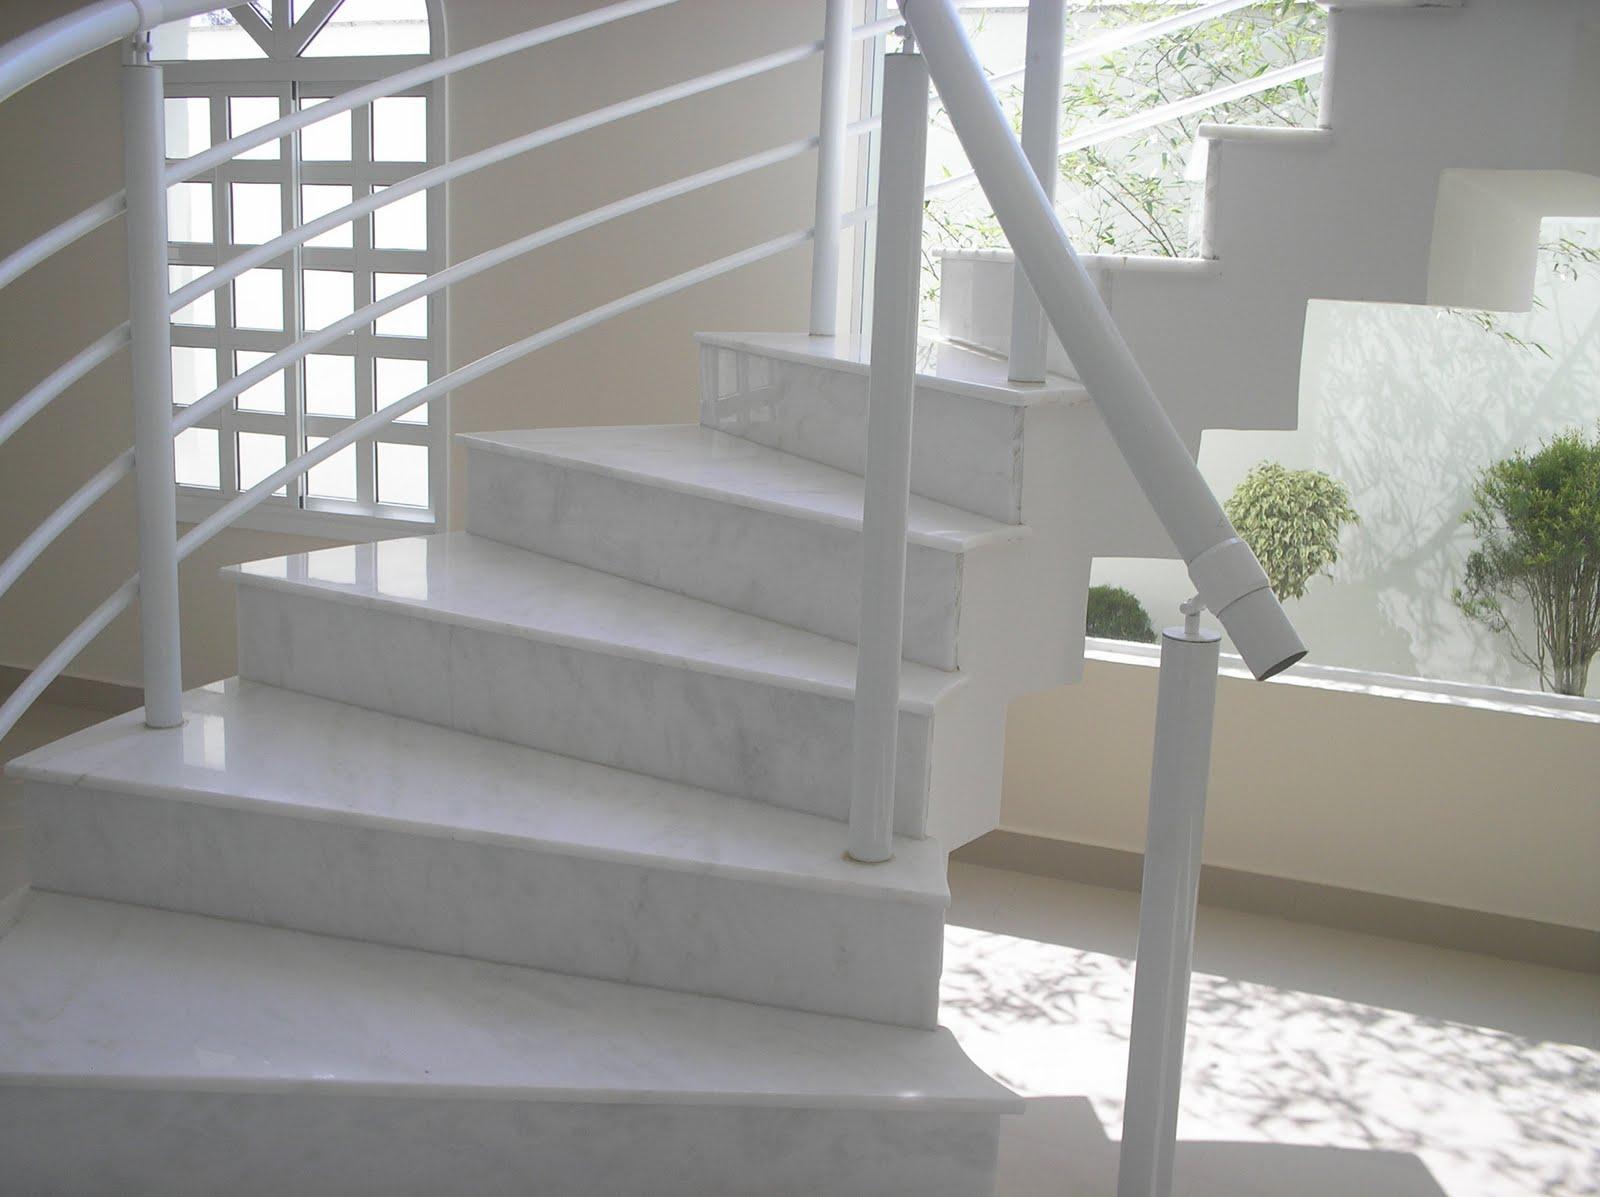 Pedras Decorativas: ESCADA EM MÁRMORE BRANCO PIGUÊS . #505B40 1600x1197 Banheiro Com Granito Branco